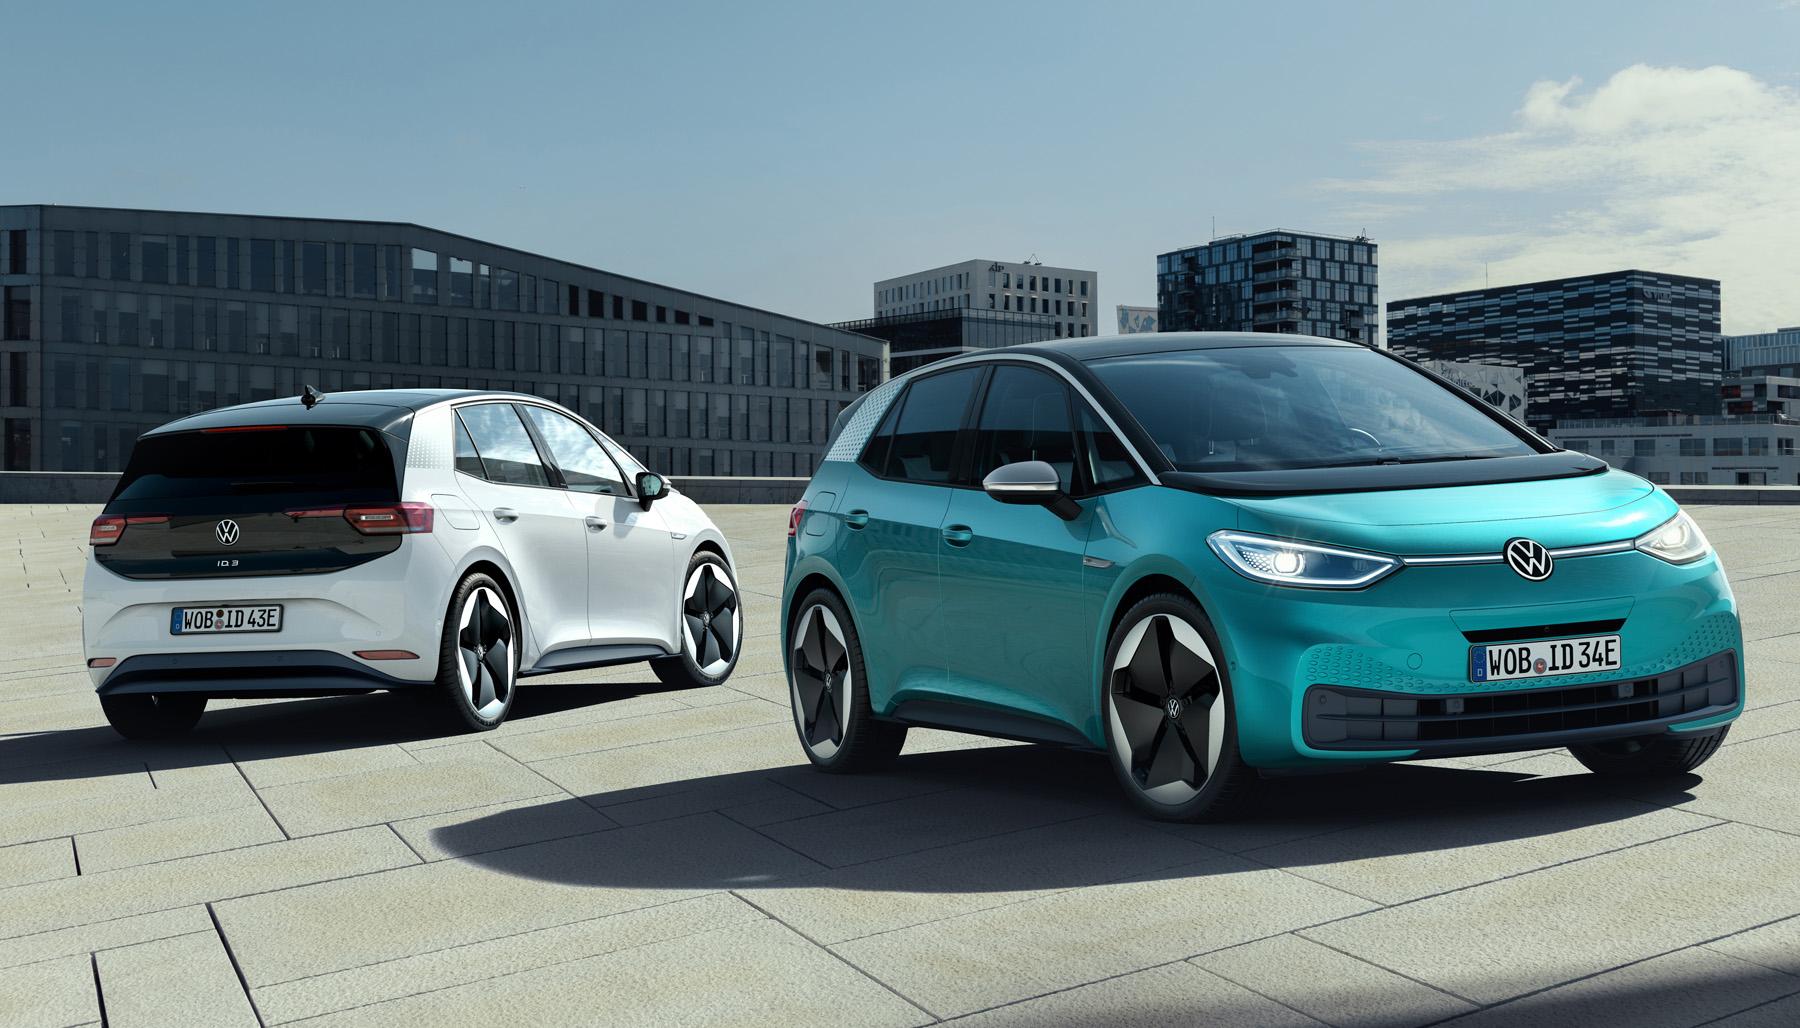 Буквально на днях во Франкфурте был представлен электрический Volkswagen ID.3 (на фото и видео). Теперь стало известно, что хэтчбек получит «горячую» версию R.